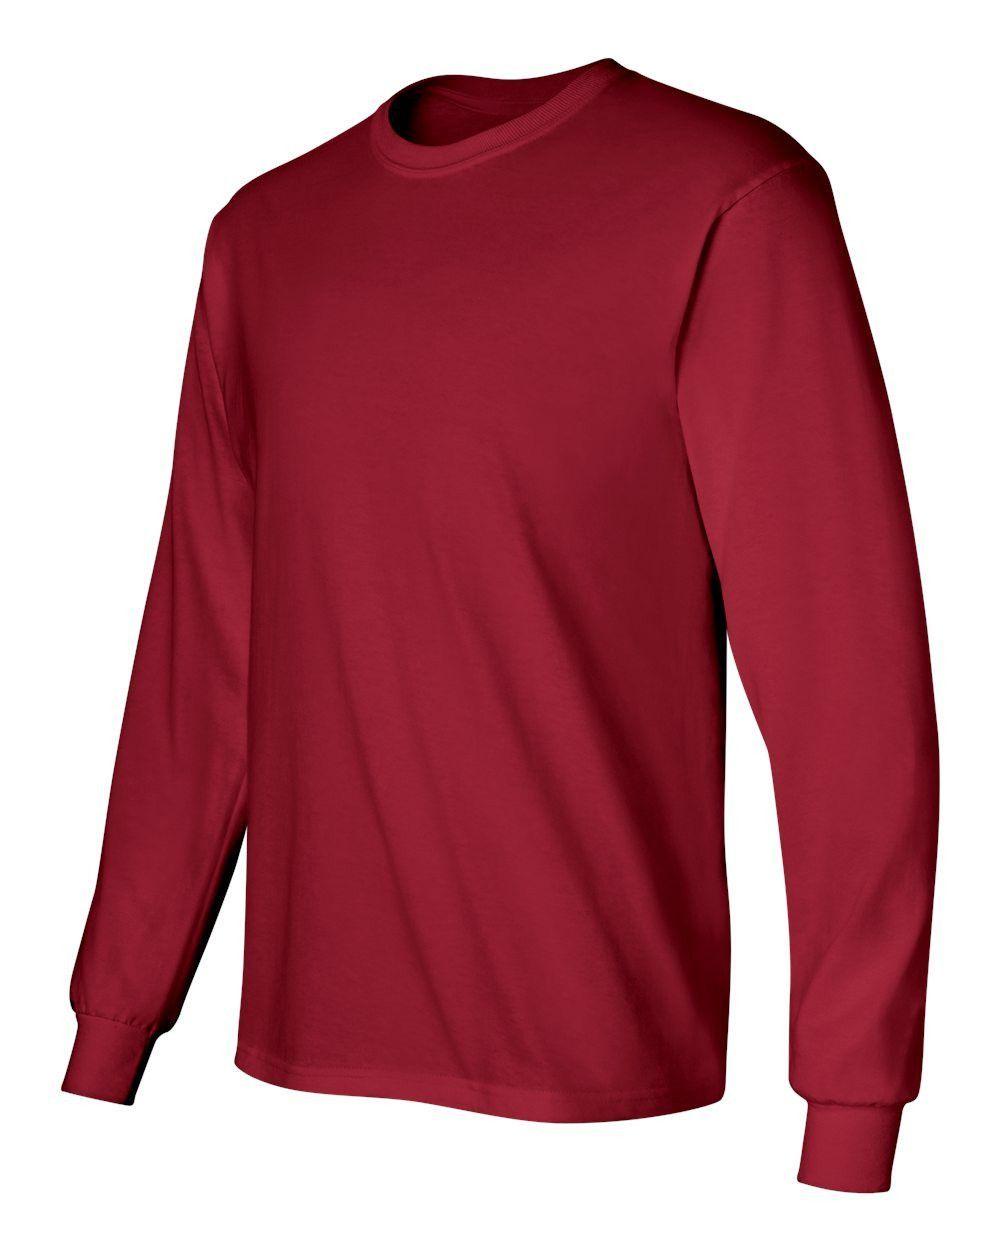 Gildan - Ultra Cotton Long Sleeve T-Shirt - 2400